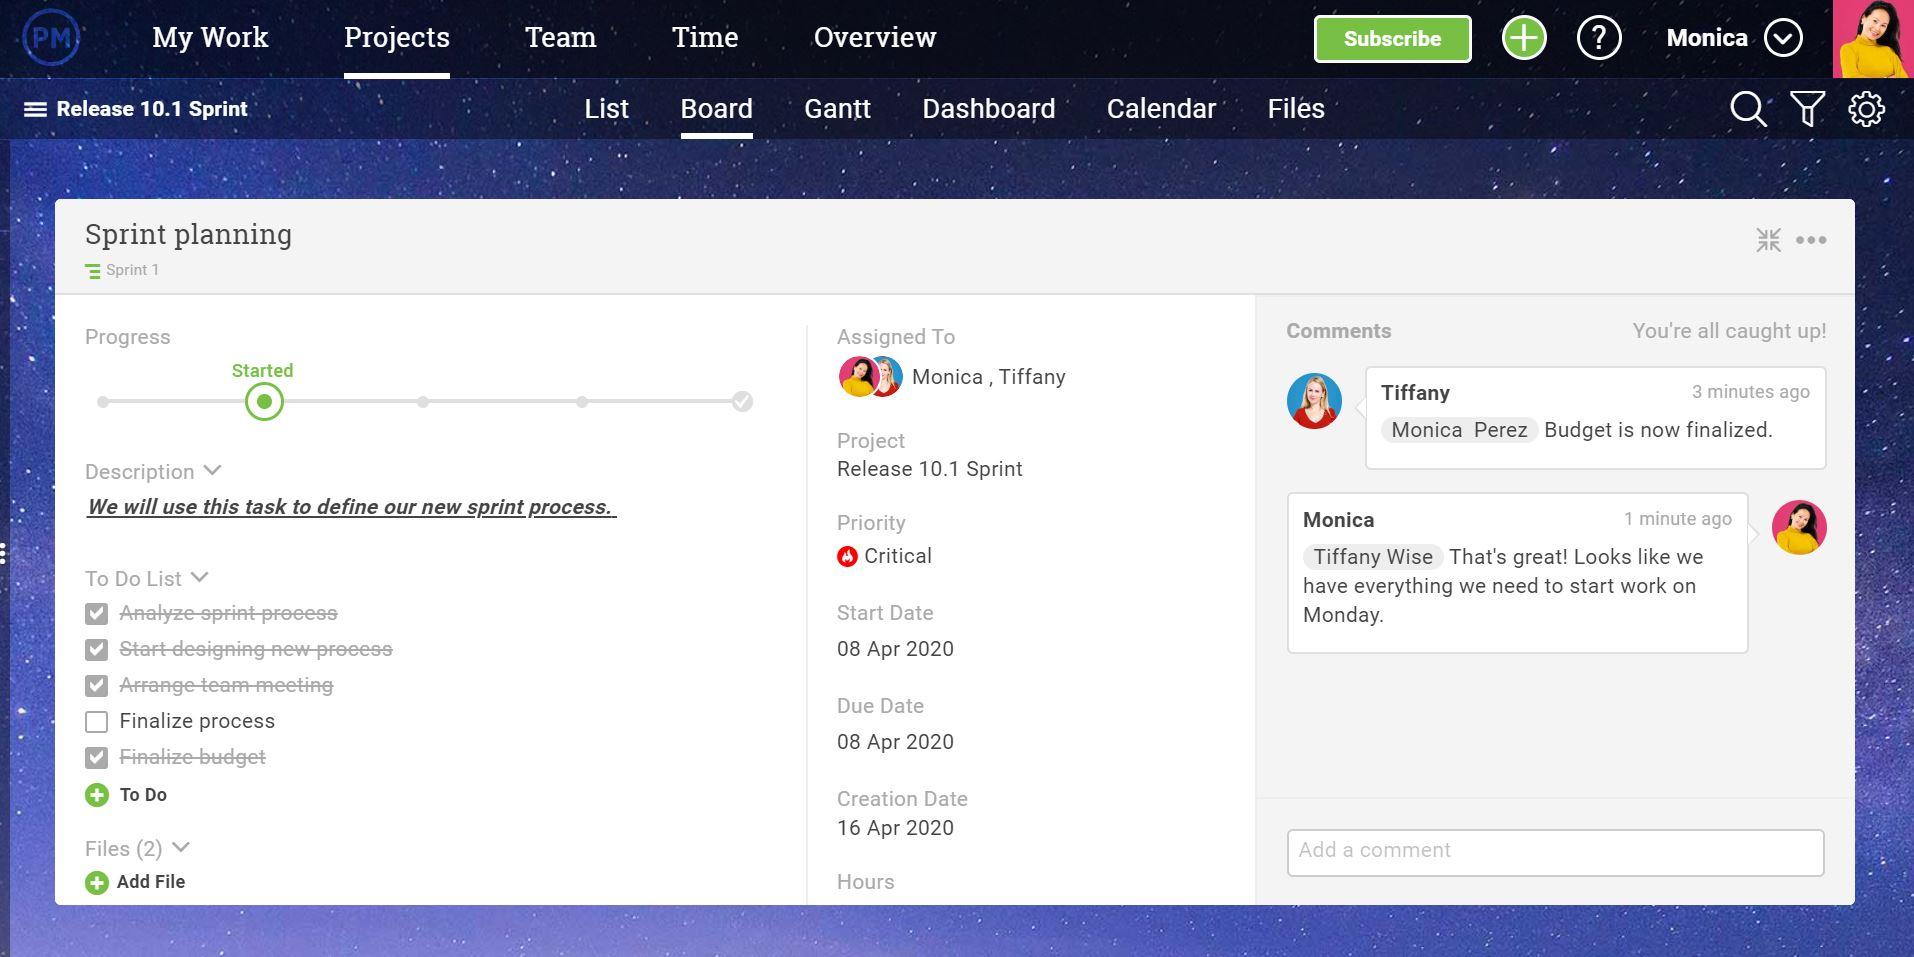 Una captura de pantalla de la interfaz de ProjectManager.com, que muestra una tarea con diferentes miembros del equipo comentando sobre ella.